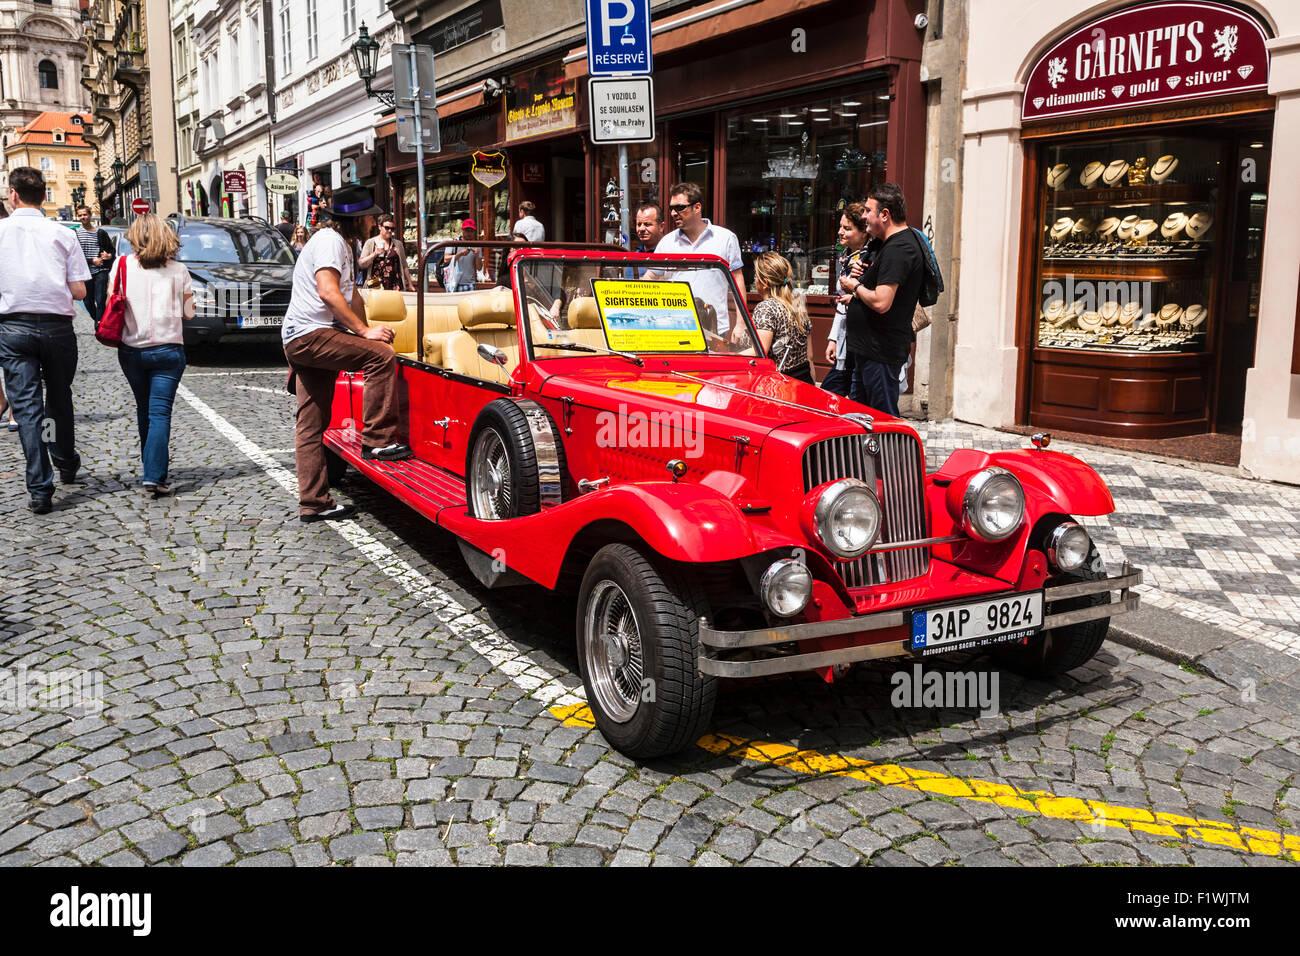 Retro-Stil Auto für Ausflüge zu touristischen Sehenswürdigkeiten, Prag Cezch Republik verwendet. Stockbild